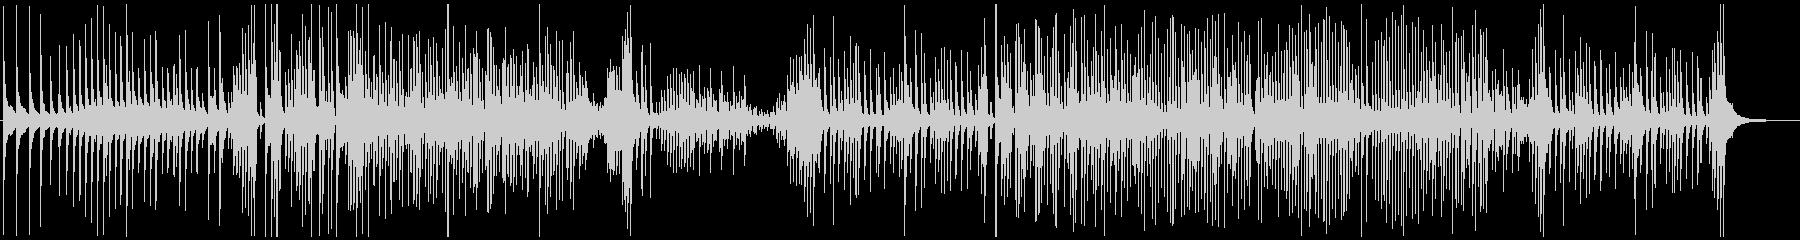 津軽三味線ソロ-A、激しい、疾走、声入りの未再生の波形